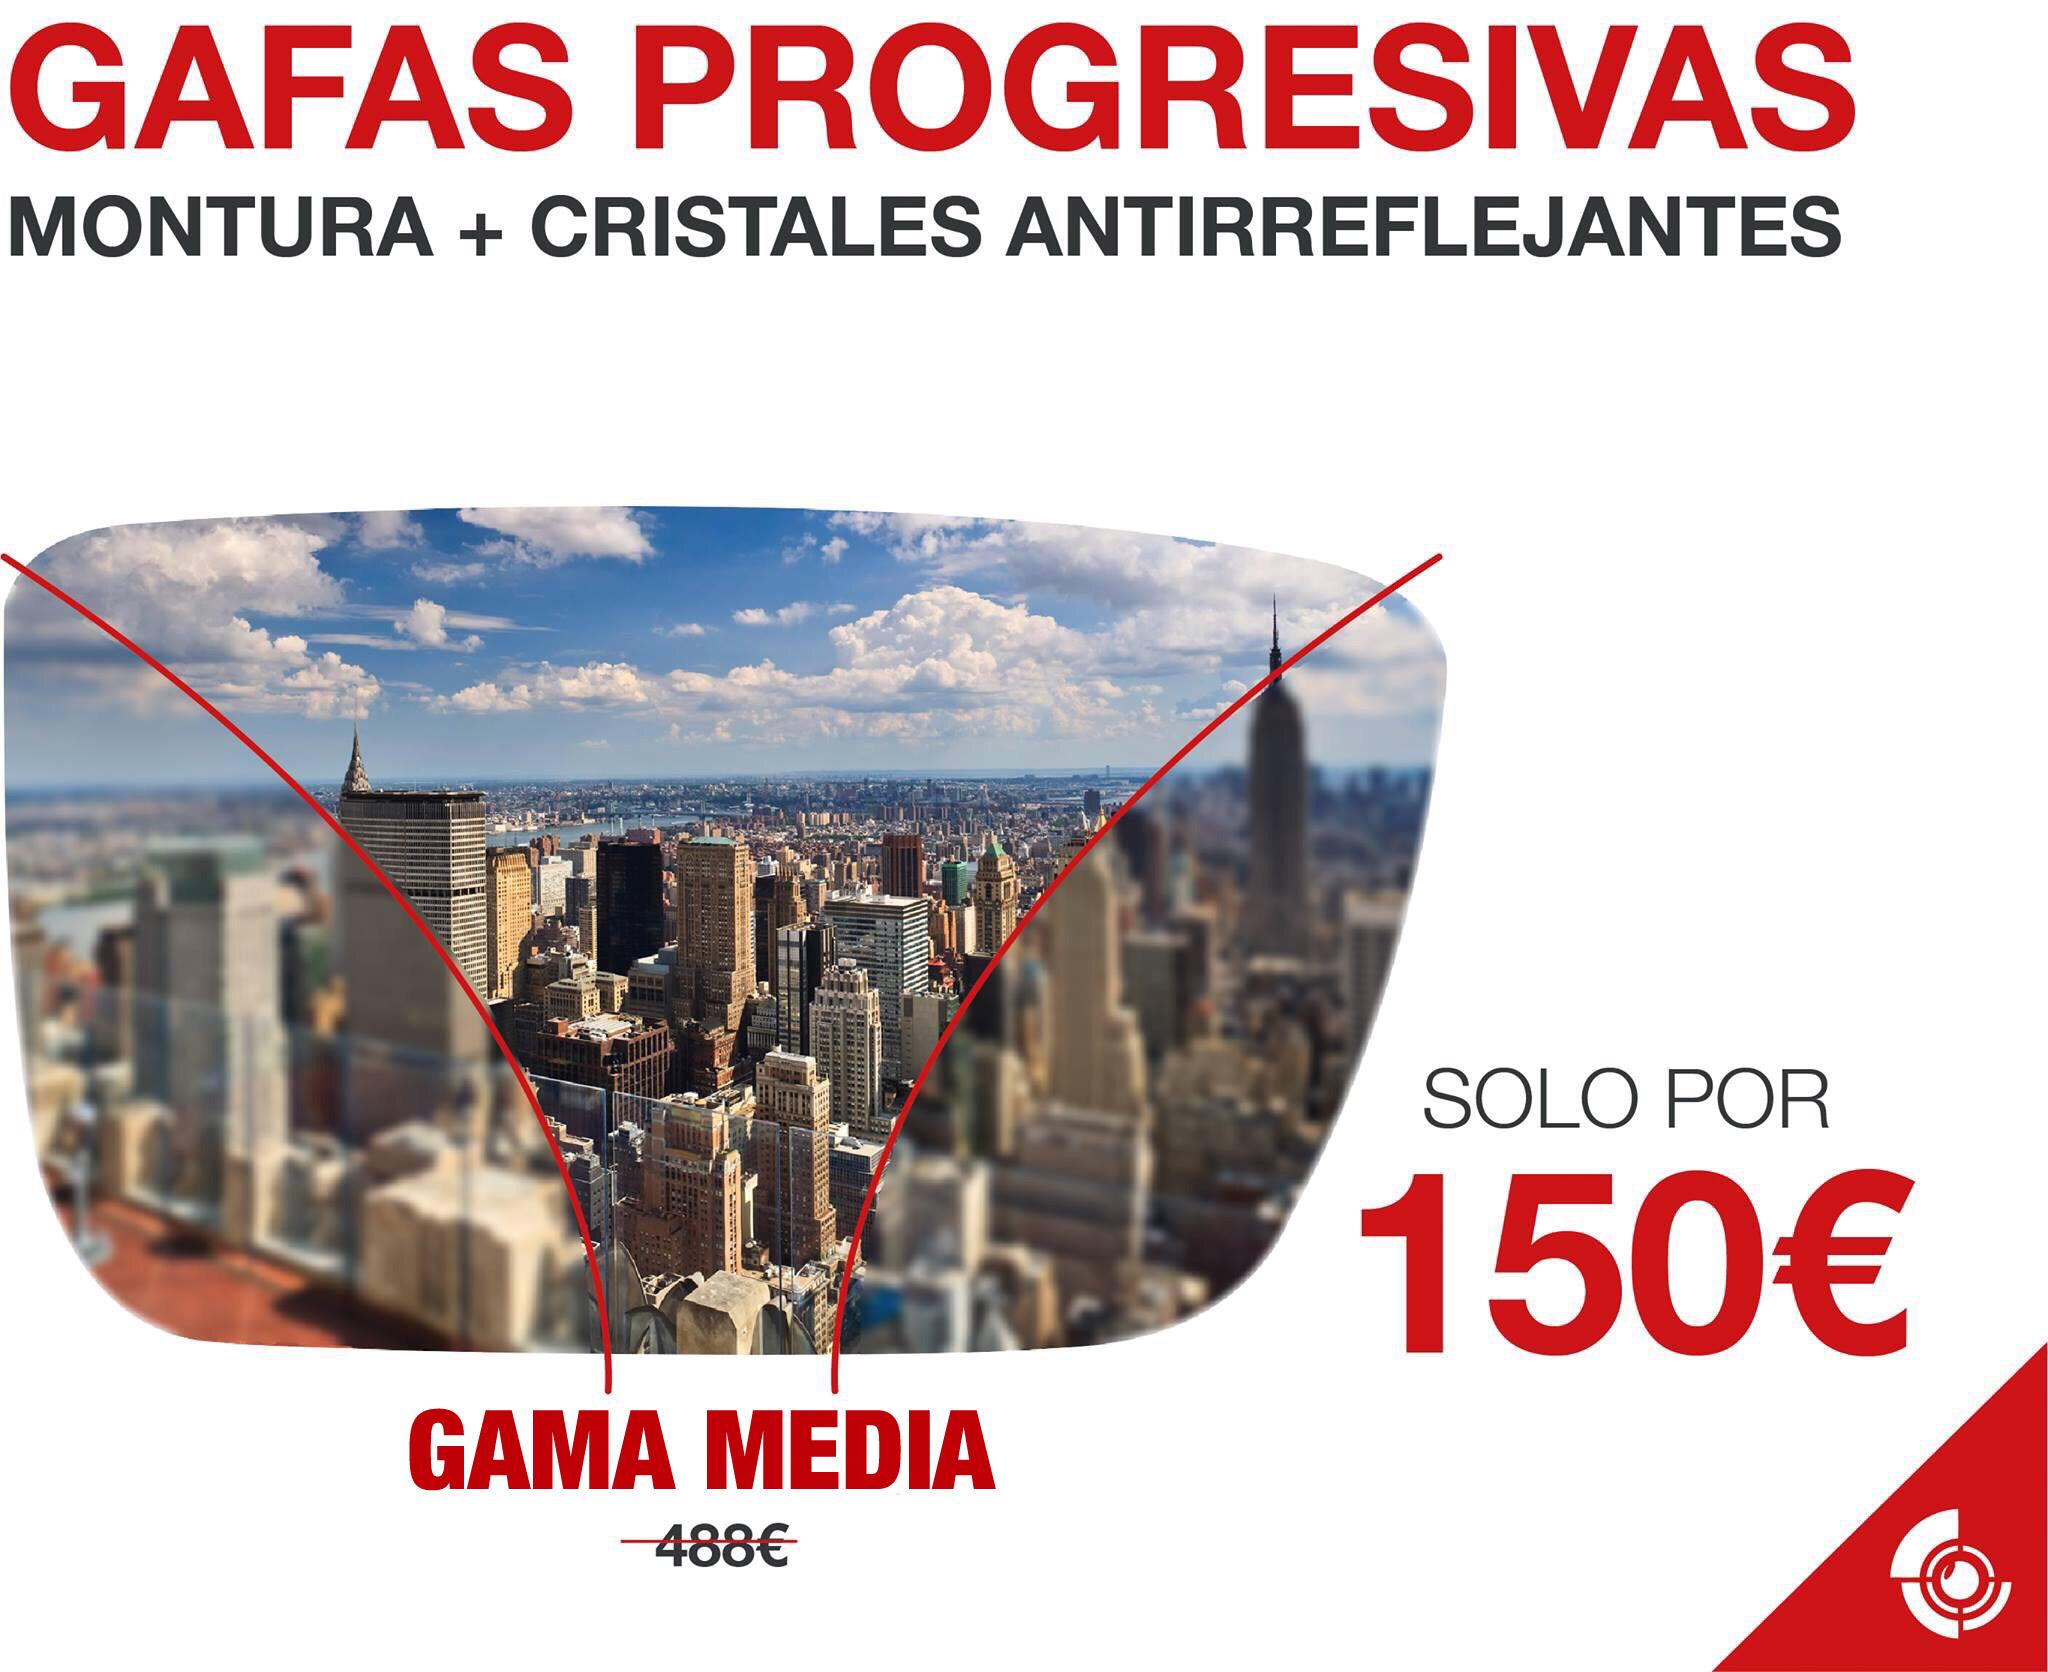 Gafa progresiva (gama media)